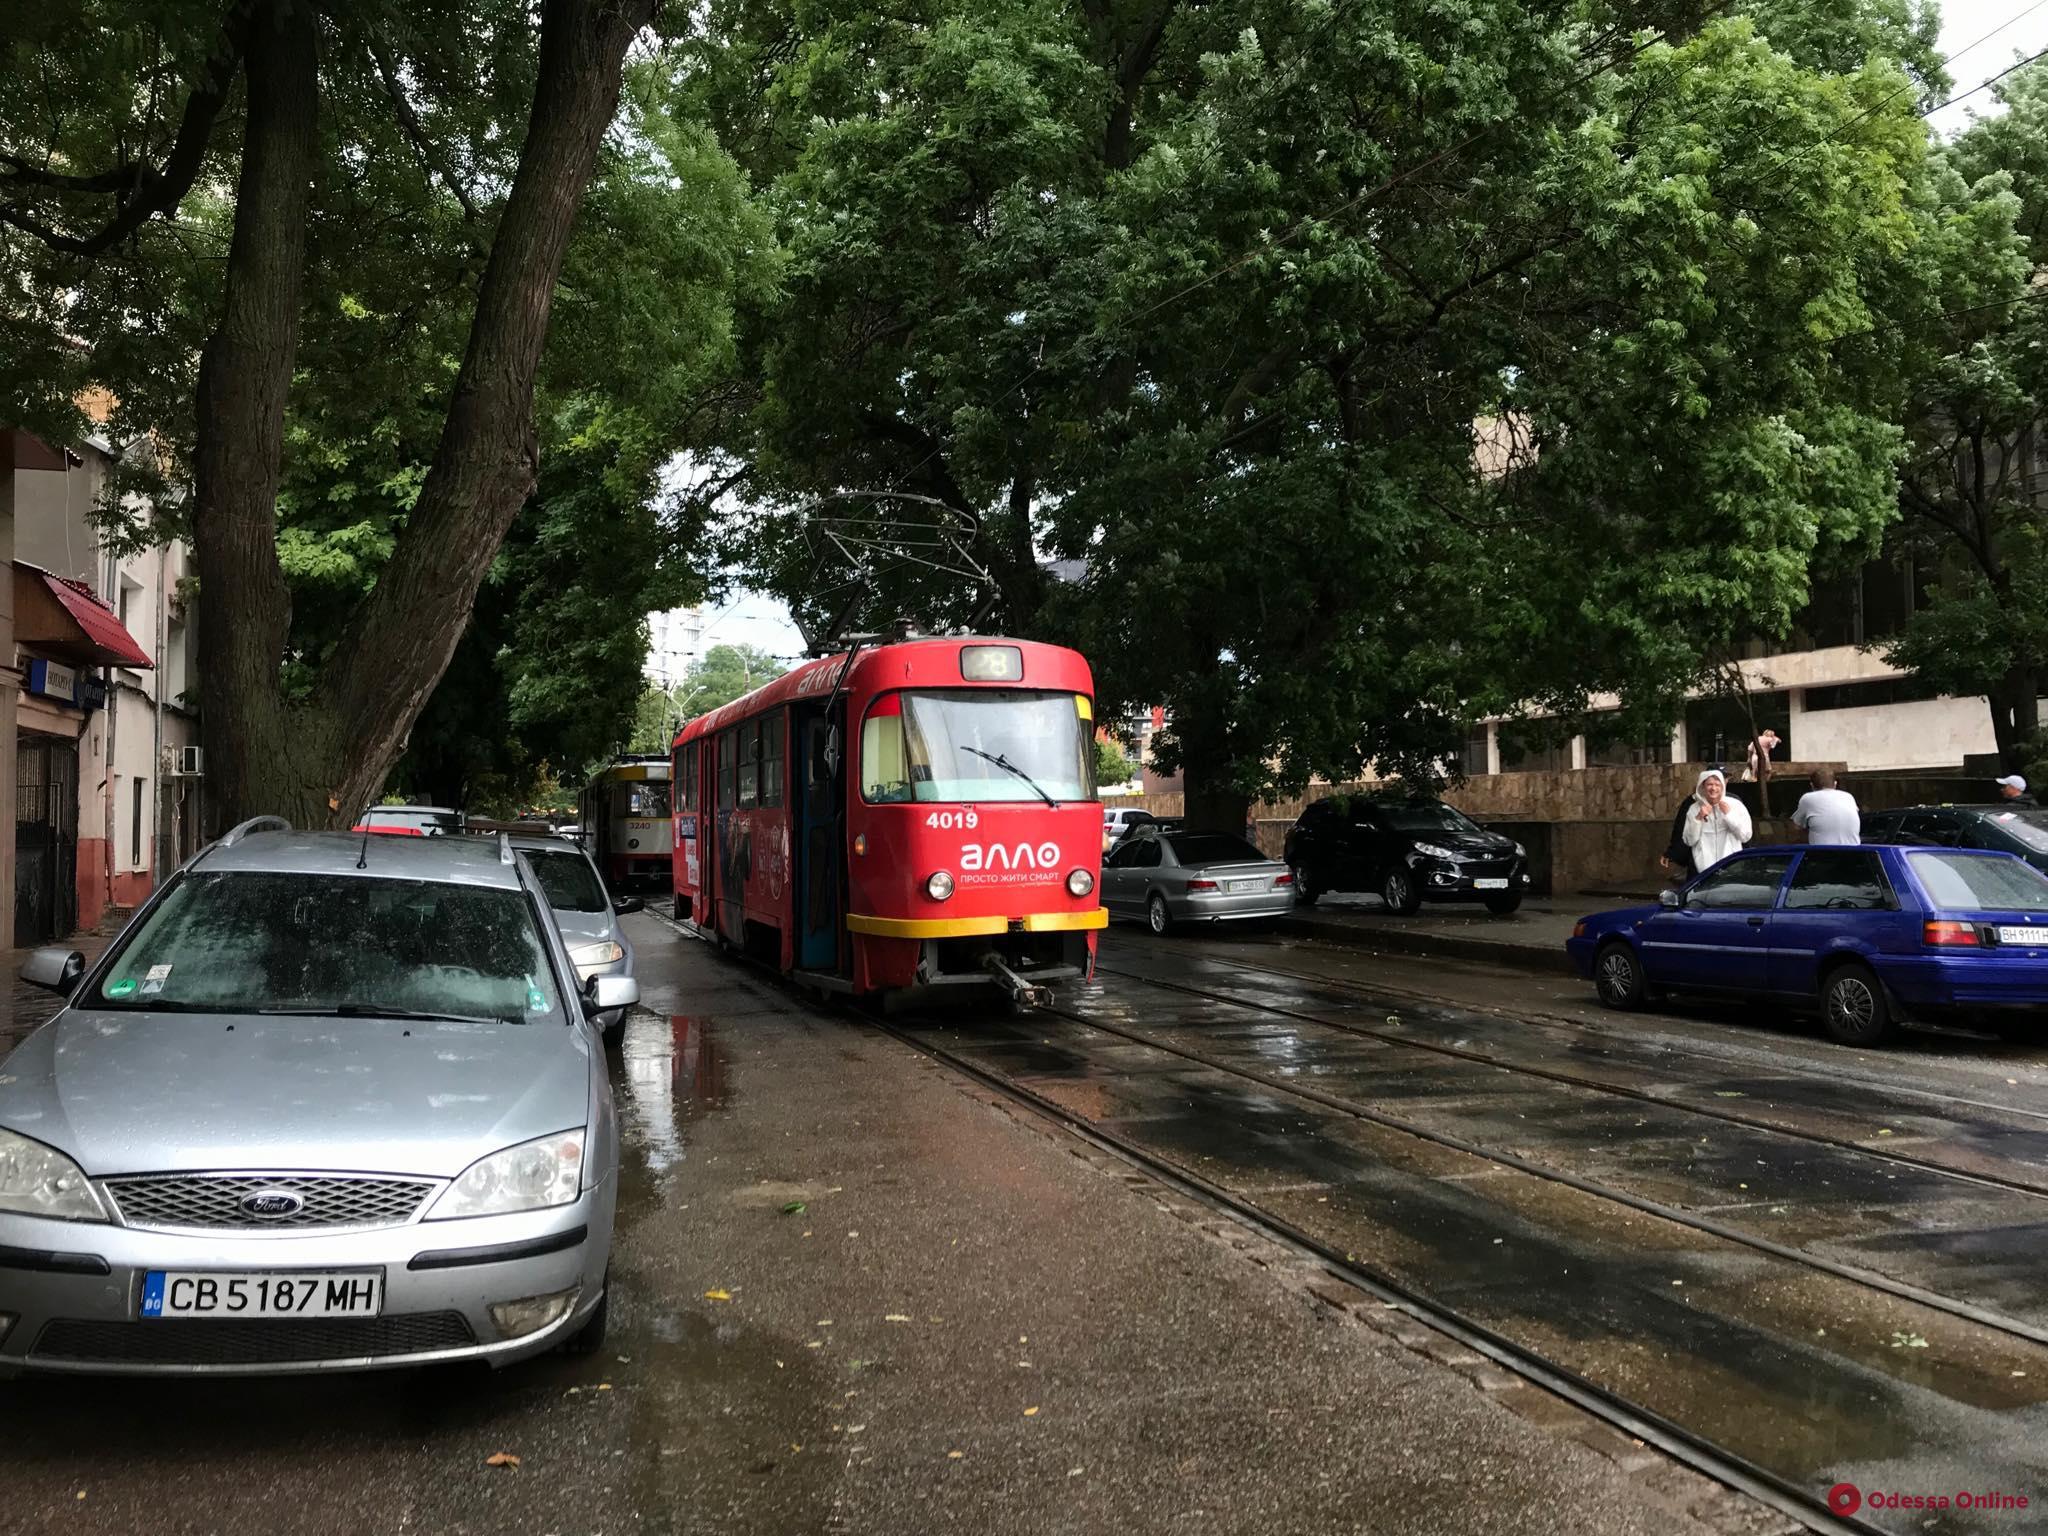 Одесса: приостановлено движение нескольких трамваев